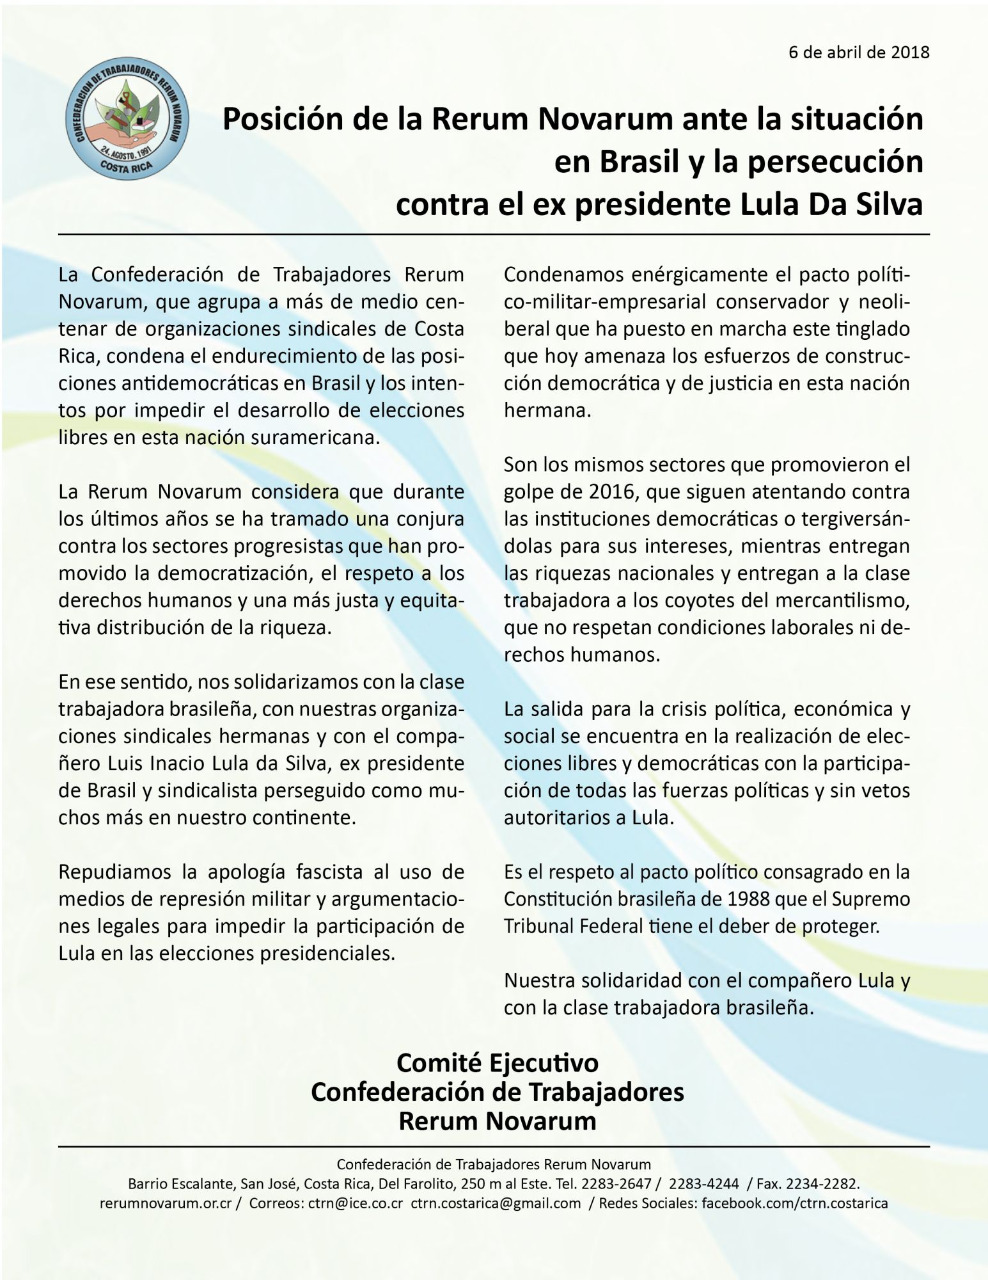 Posicion de la Rerum Novarum ante la situacion en Brasil y la persecucion contra el ex presidente Lula Da Silva